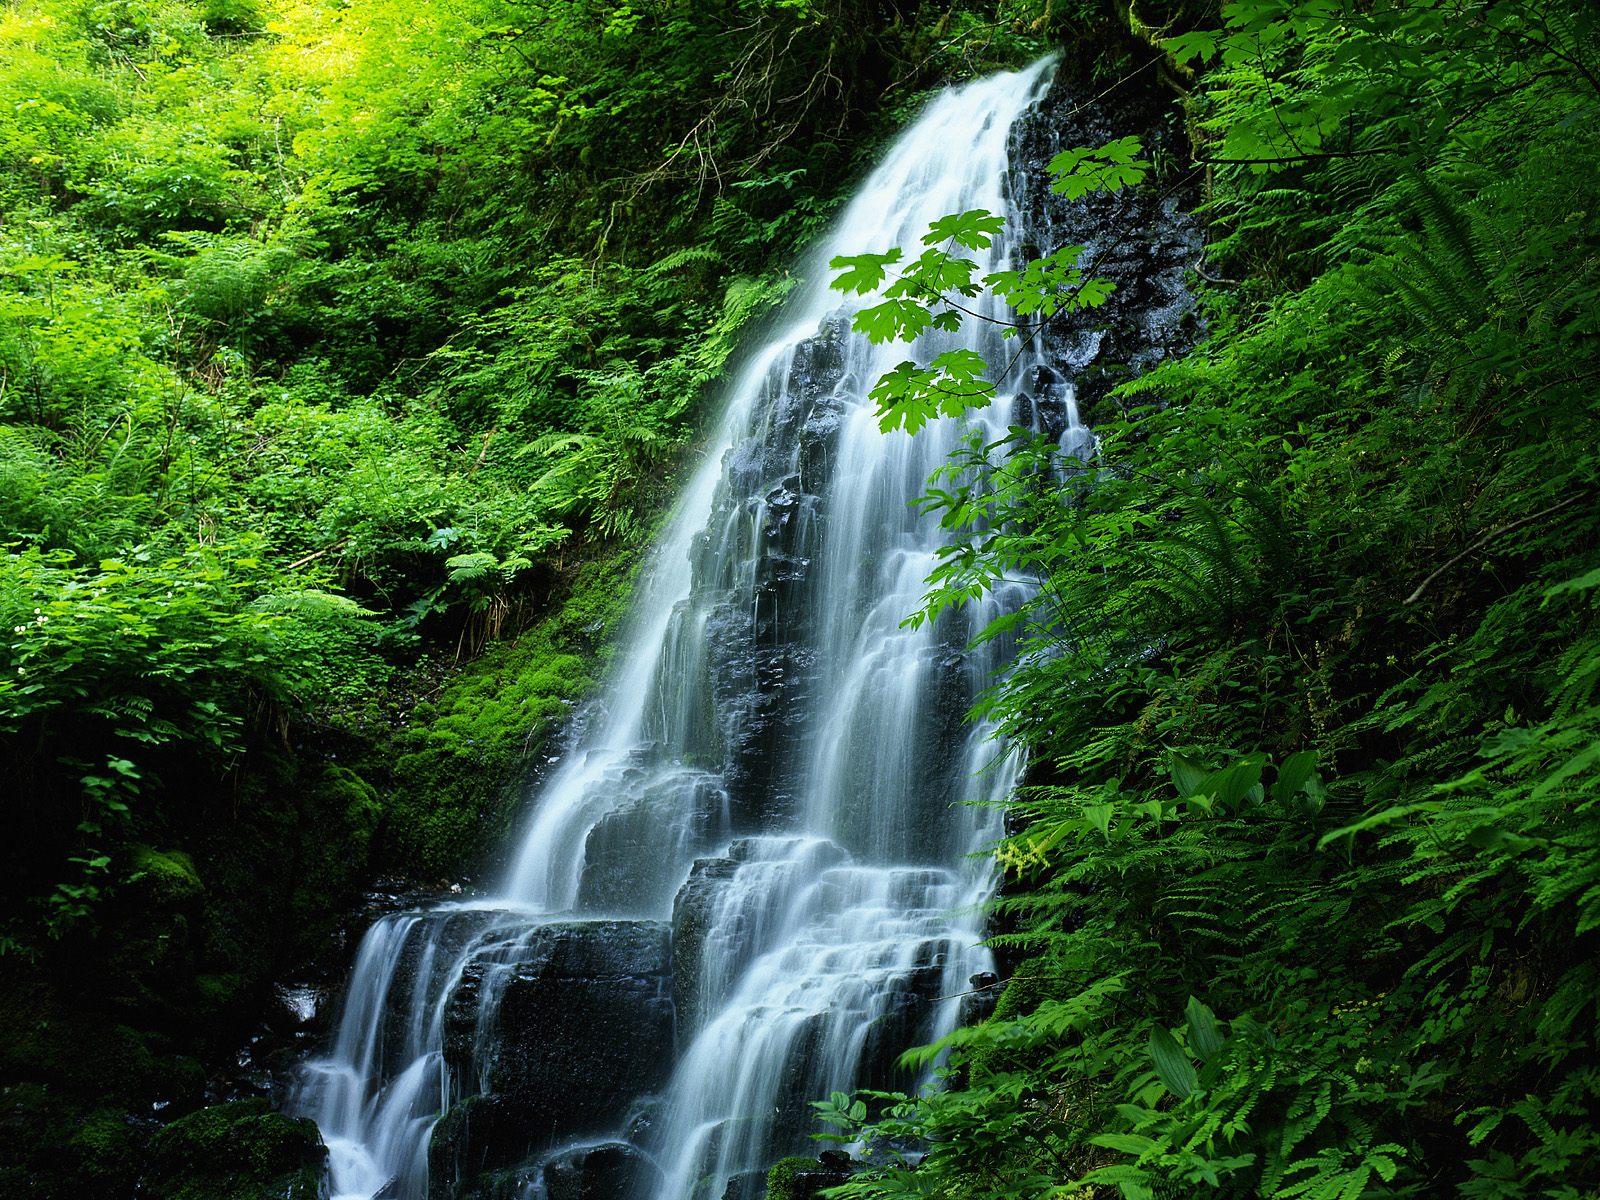 瀑布溪流唯美自然风光高清壁纸 第二辑